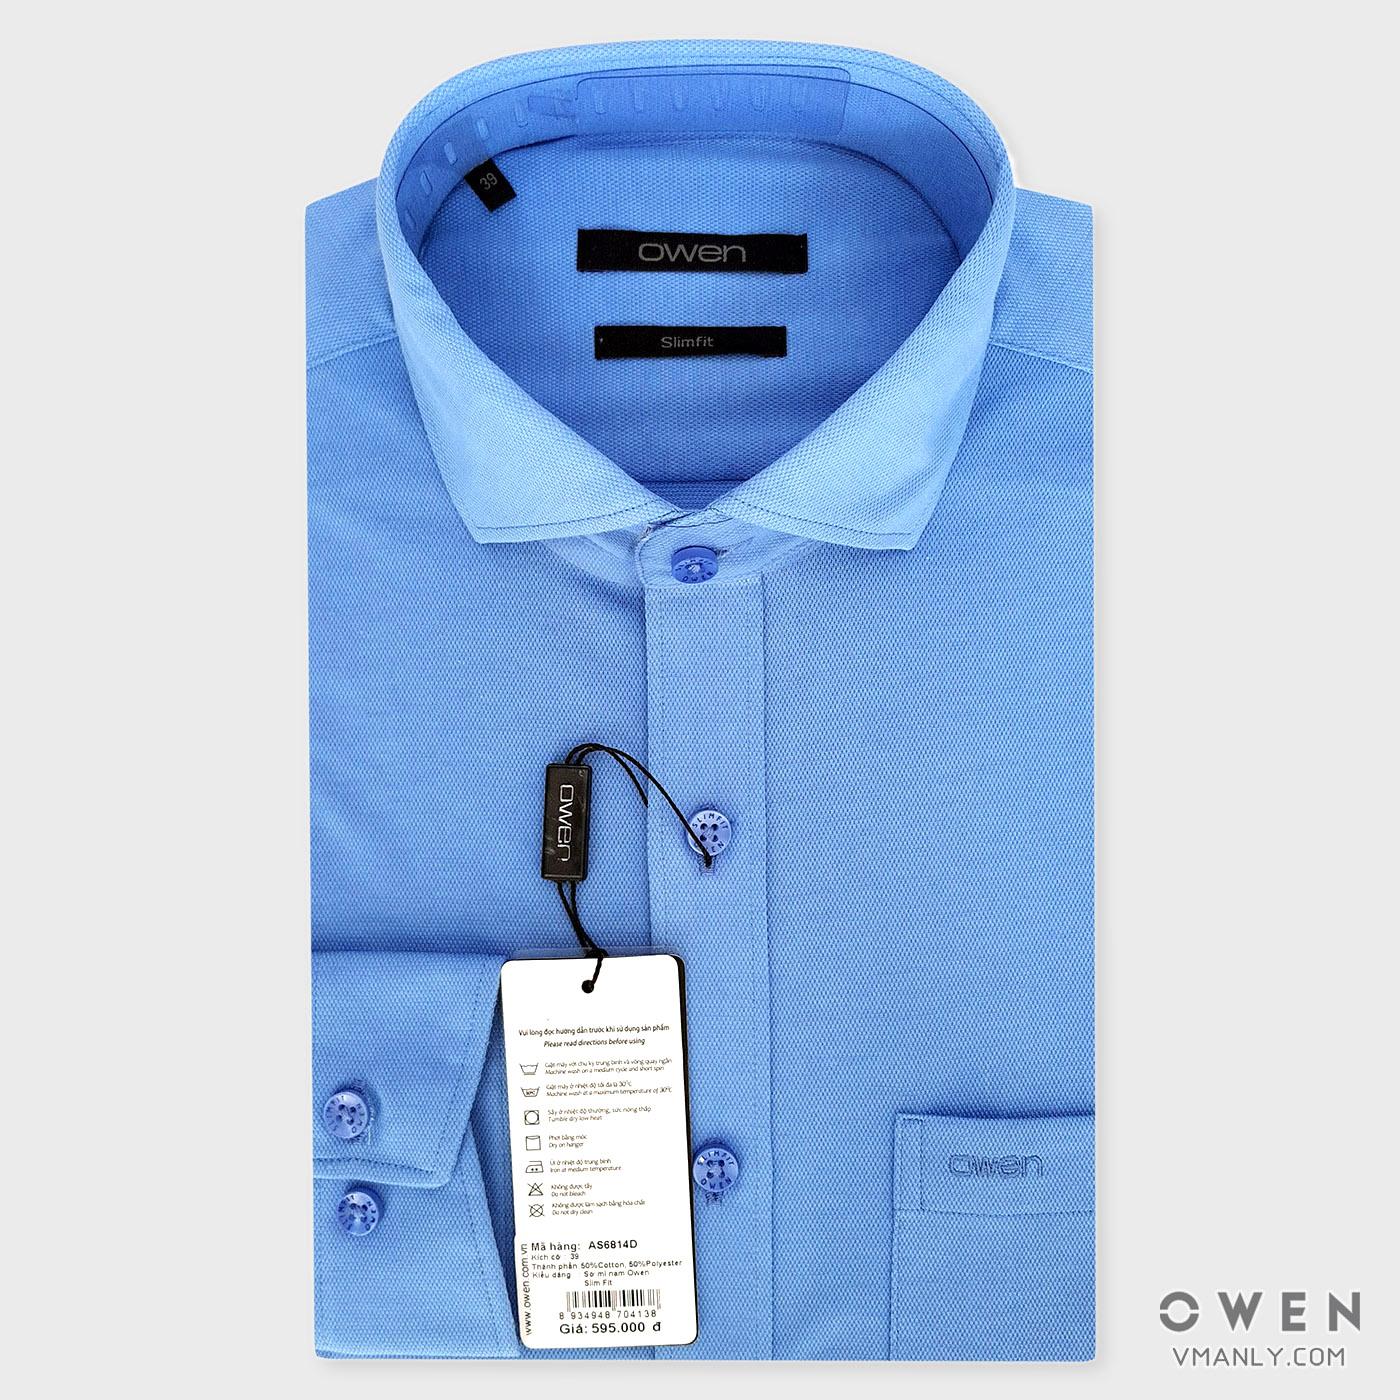 Áo sơ mi nam dài tay Owen màu xanh nhạt AS6814D